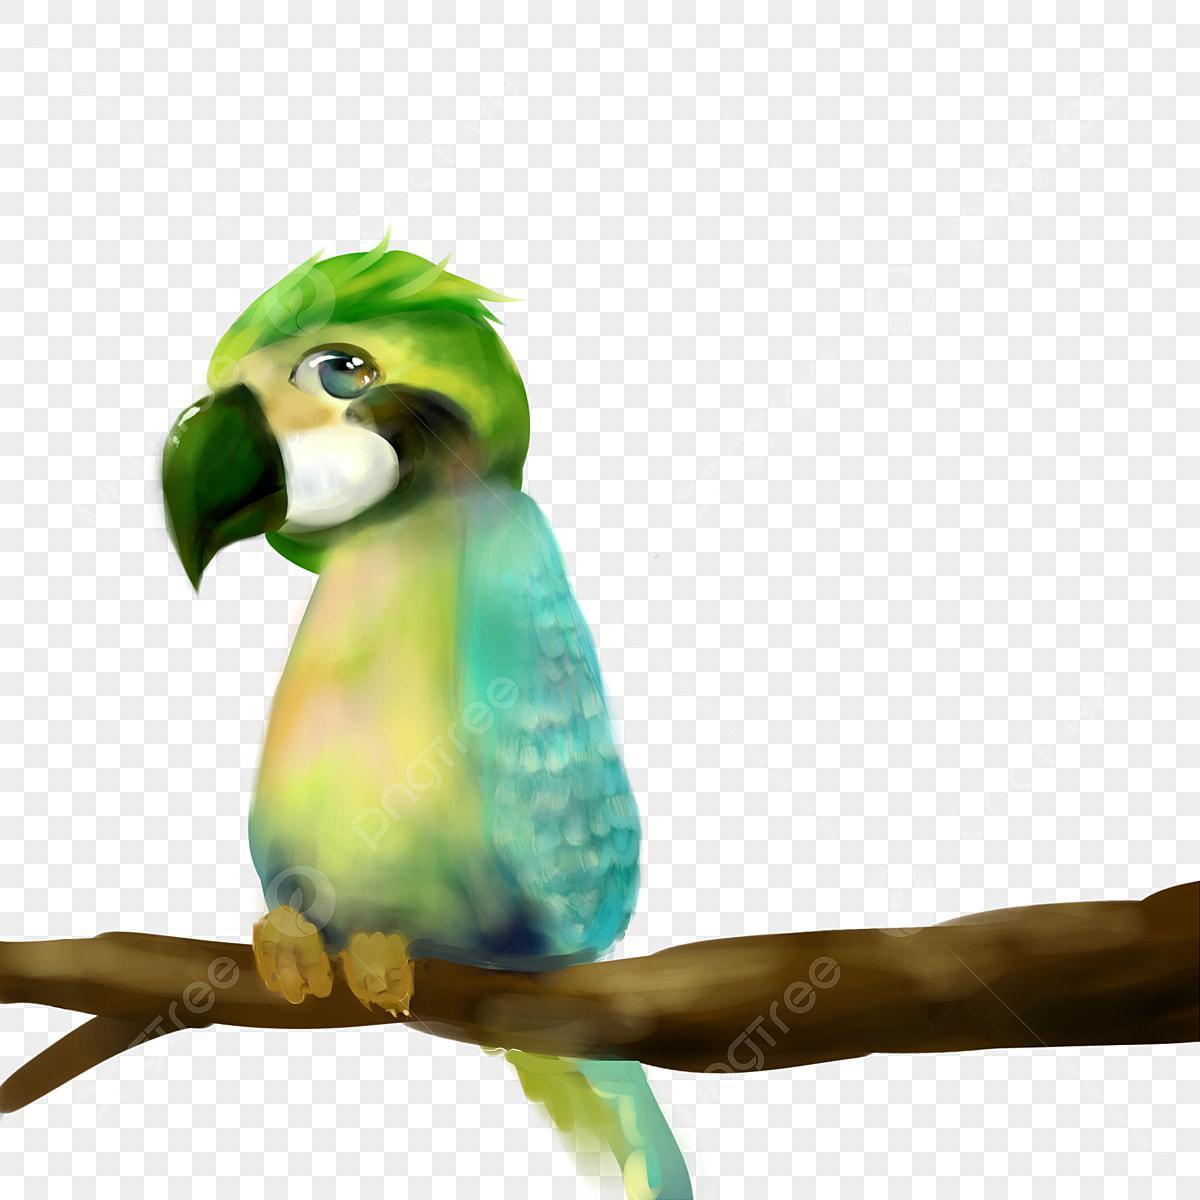 無料ダウンロードのための緑色鸚鵡インコ 動物 きれい 鳥png画像素材